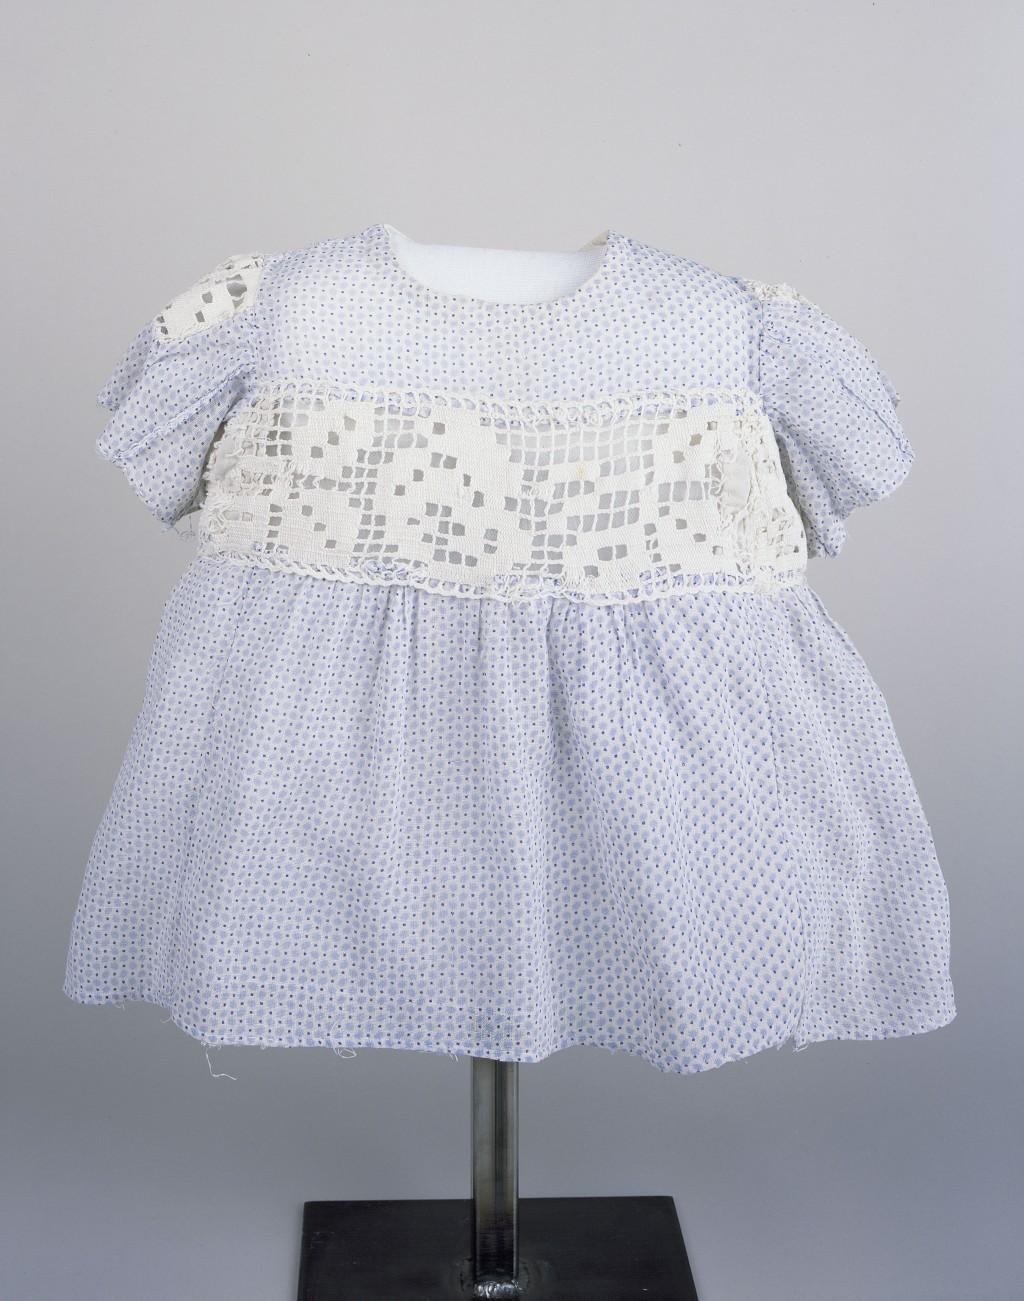 Dress Worn by a Hidden Child [LCID: 20152voc]